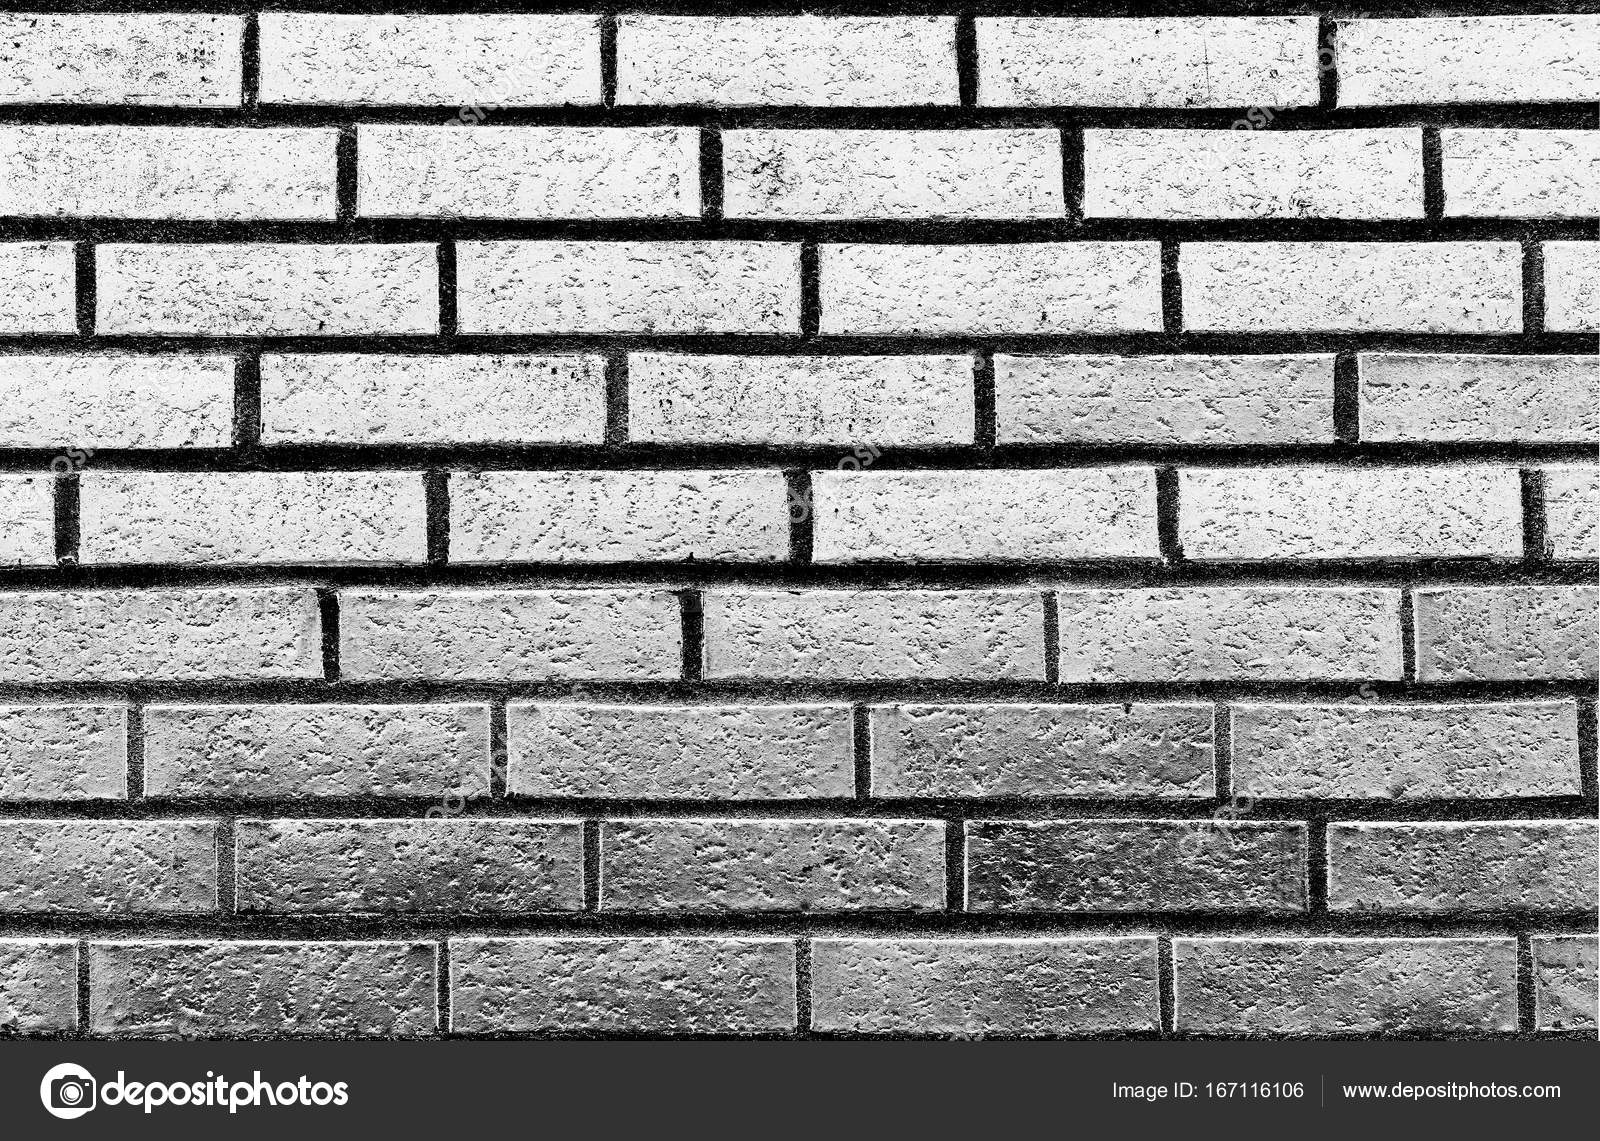 Fondos de pantalla ladrillos hd fondo de textura de la for Fondo de pantalla blanco y negro